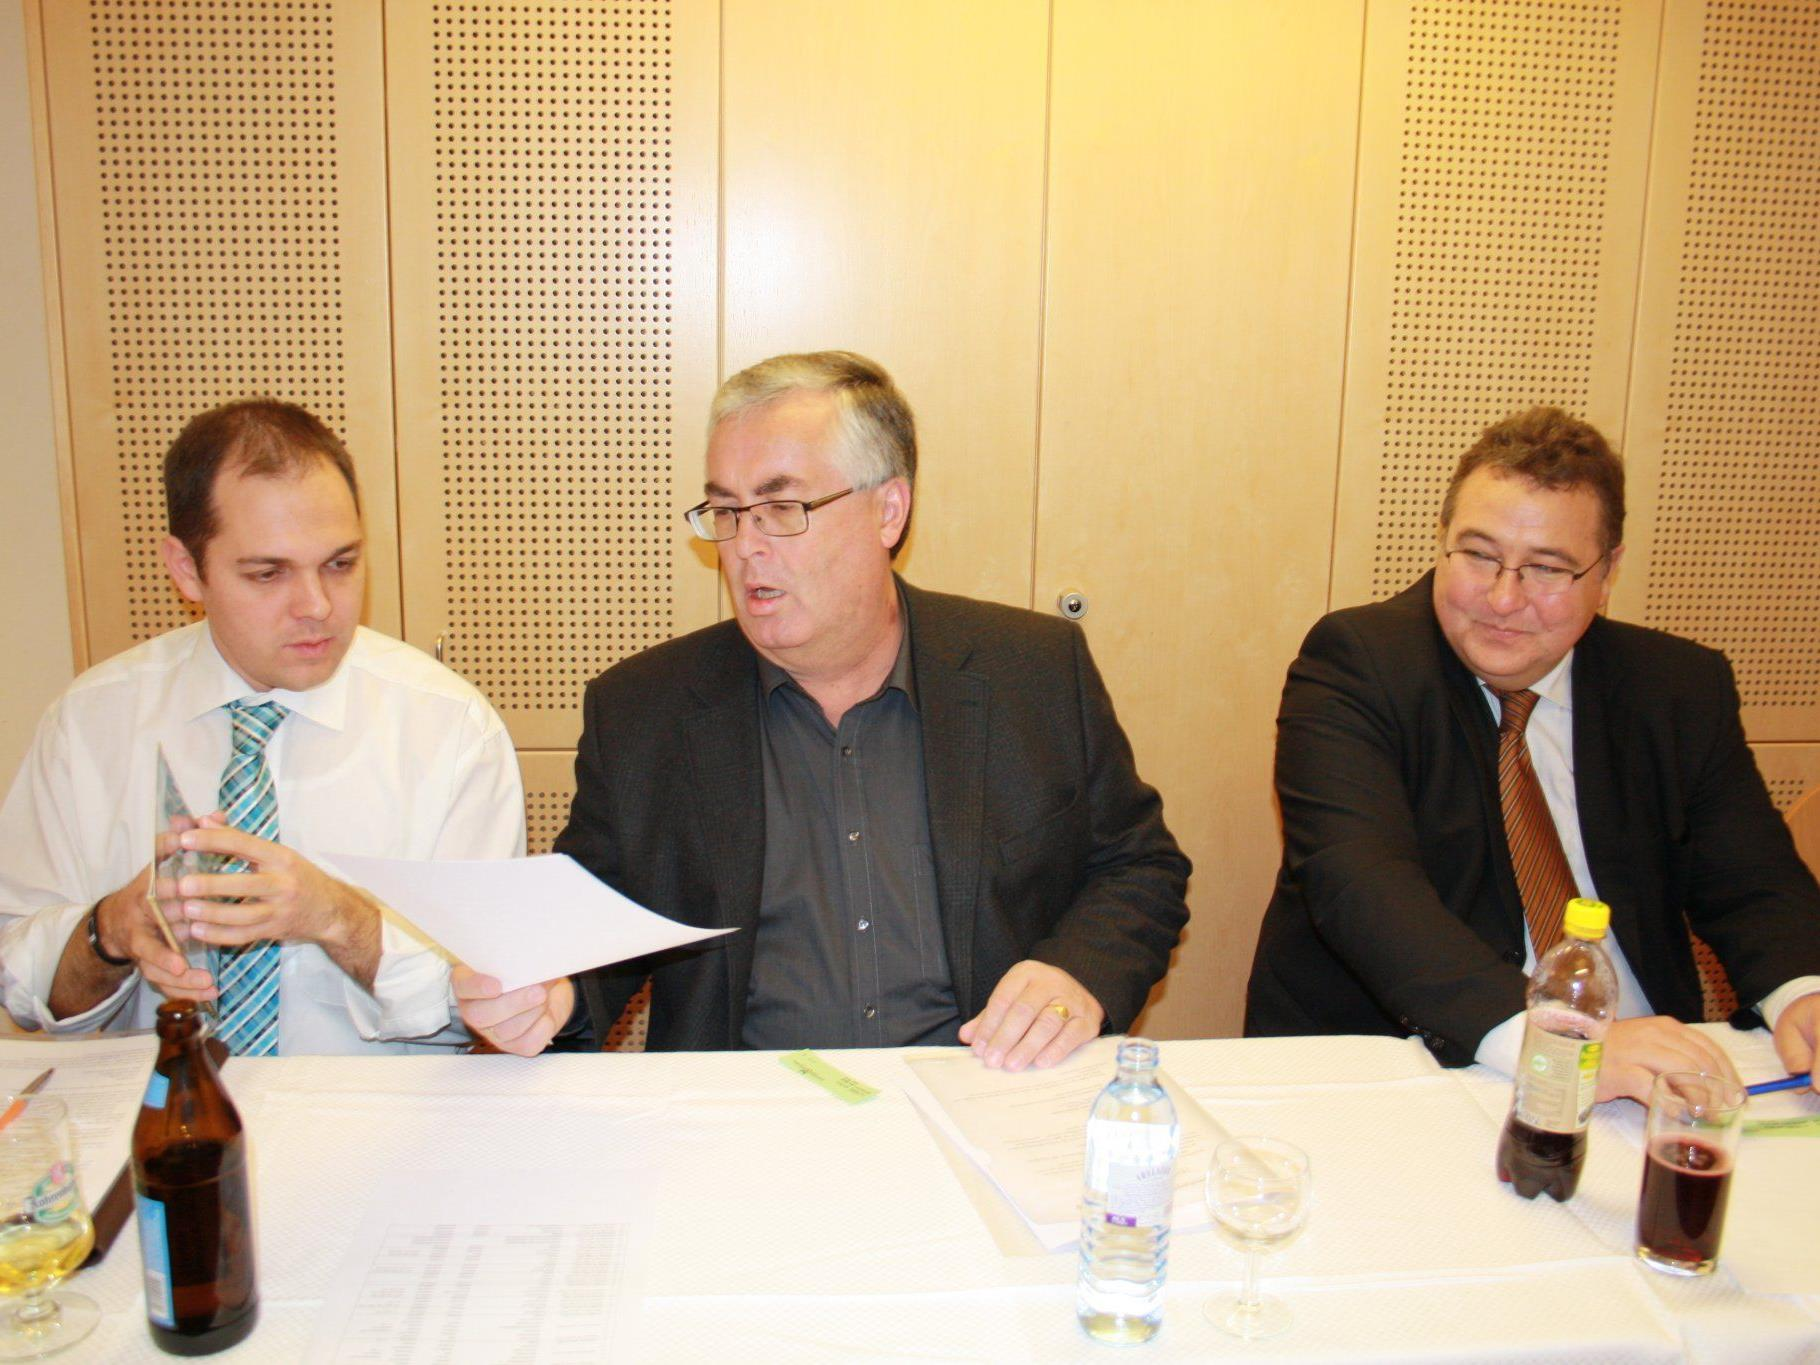 Ganz im Zeichen des Obmannwechsels stand die Jahreshauptversammlung des MV Concordia.